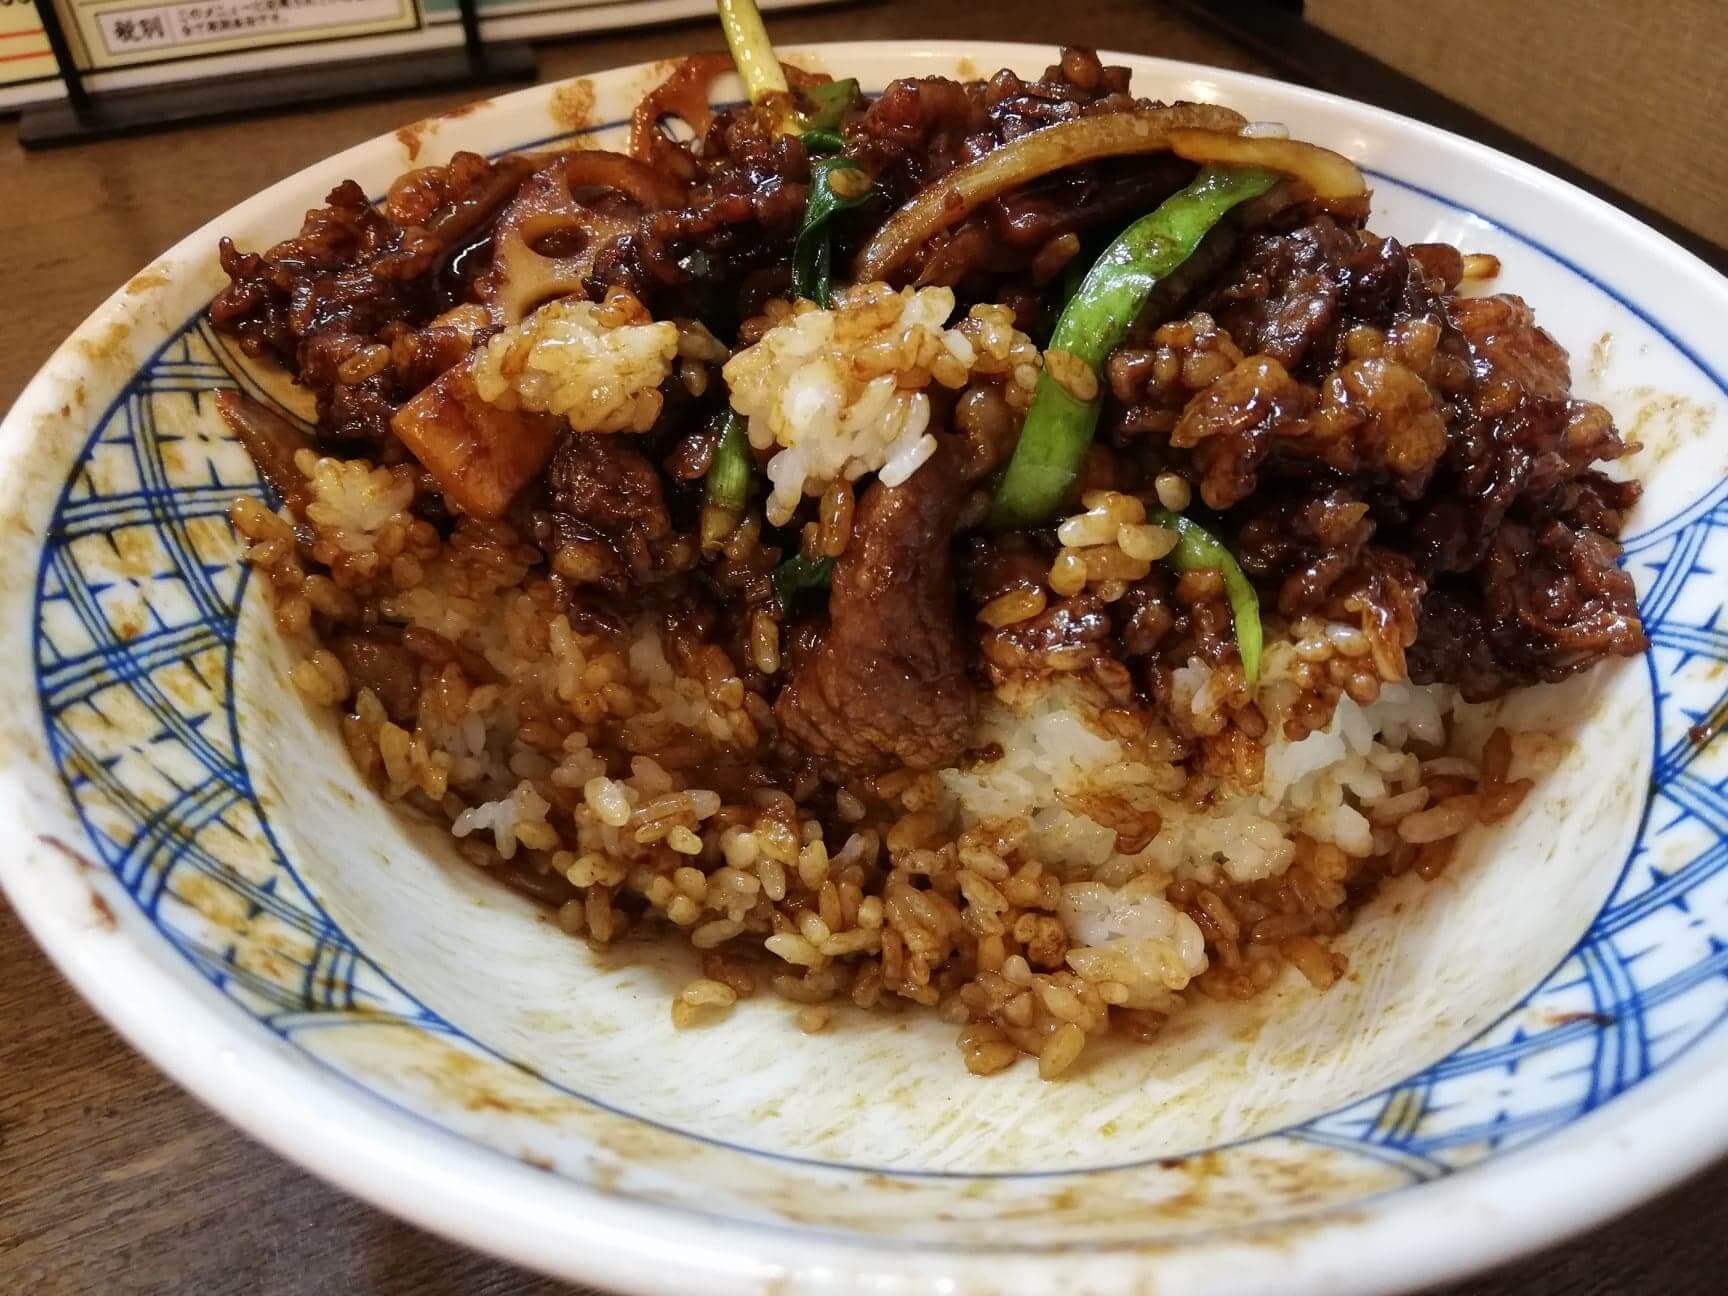 新座『三珍富士力食堂』の牛バラ丼の断面写真